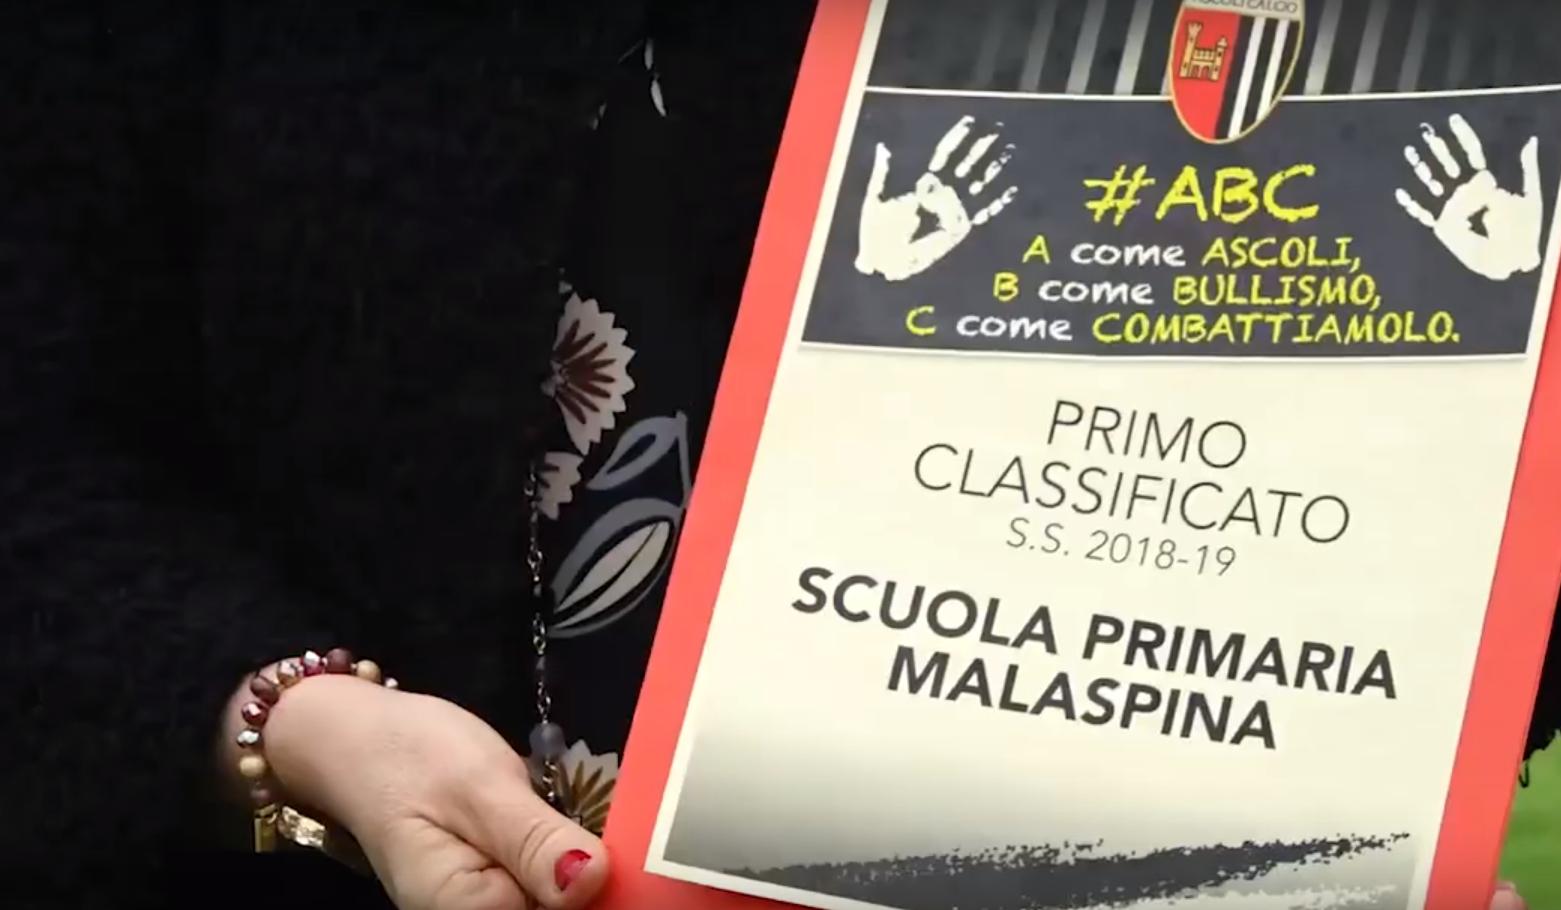 Progetto ABC Scuola malaspina